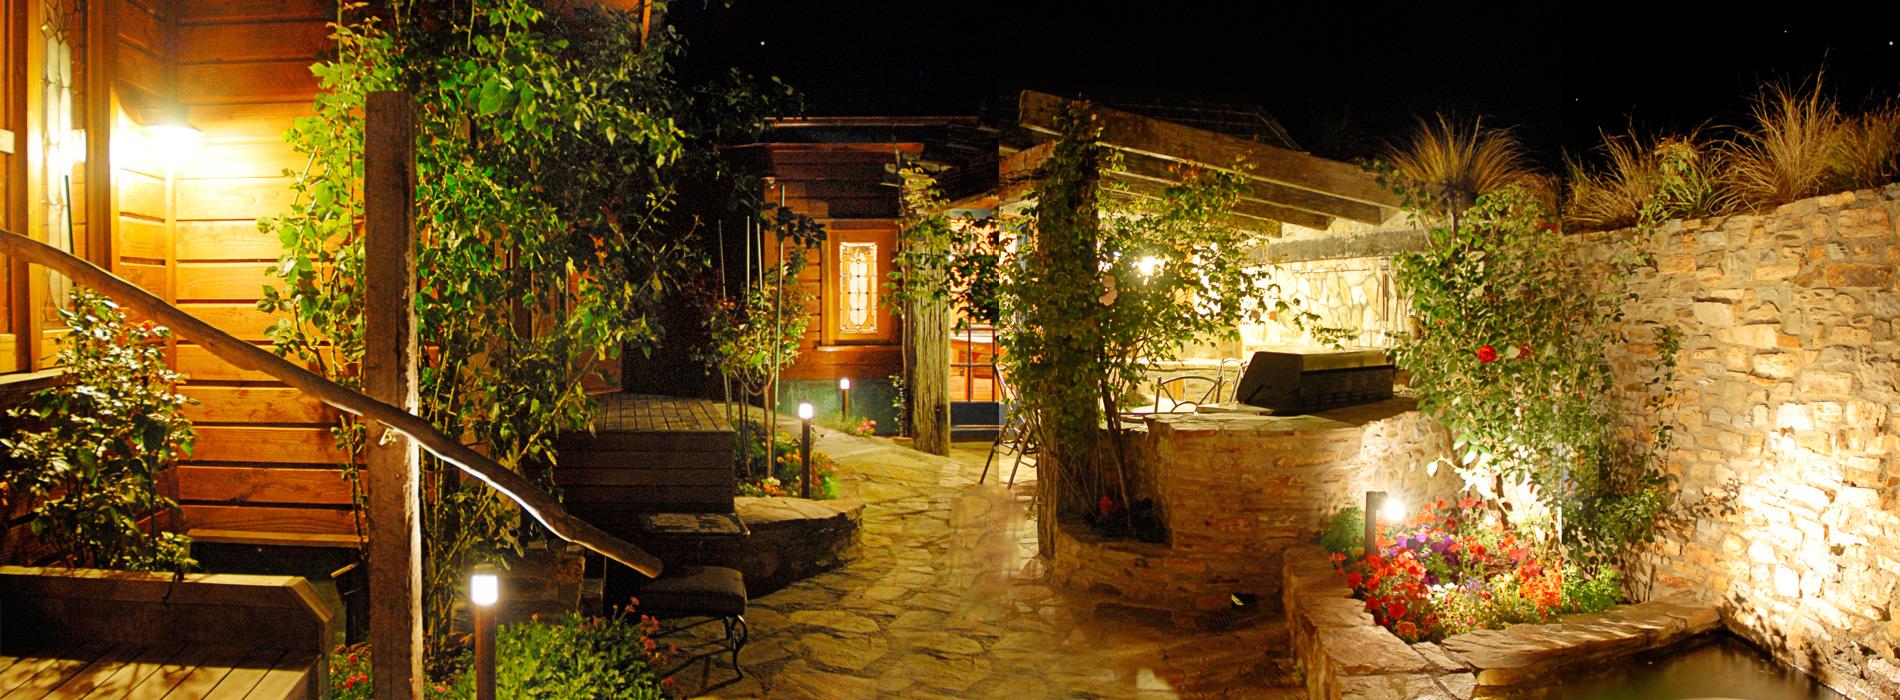 Lumipro focos para jardin iluminaci n de exterior for Luces exterior jardin